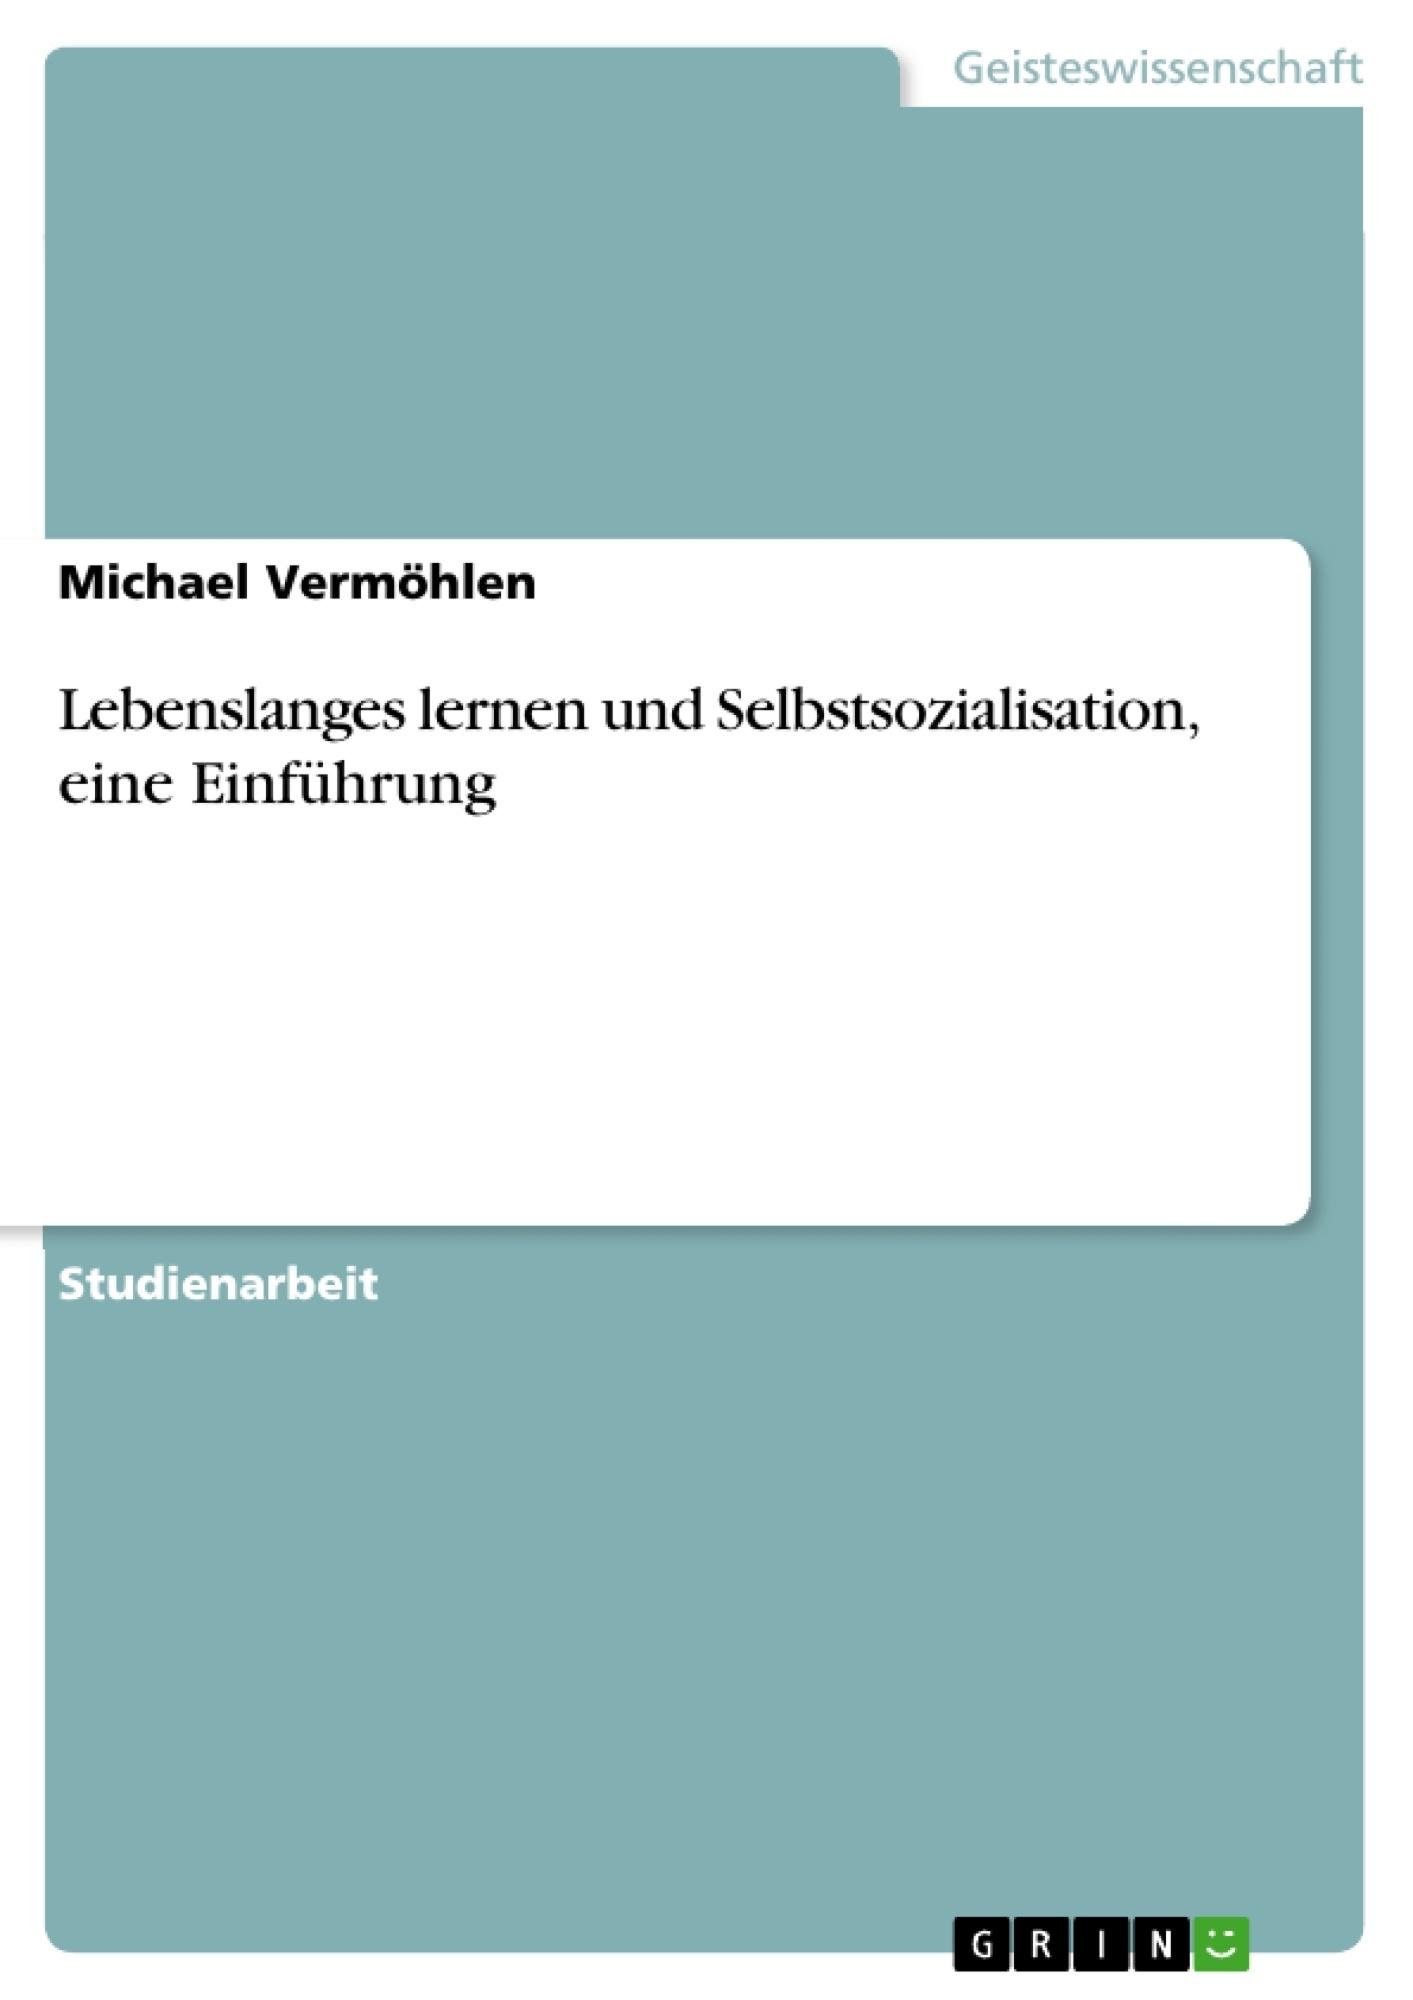 Titel: Lebenslanges lernen und Selbstsozialisation, eine Einführung